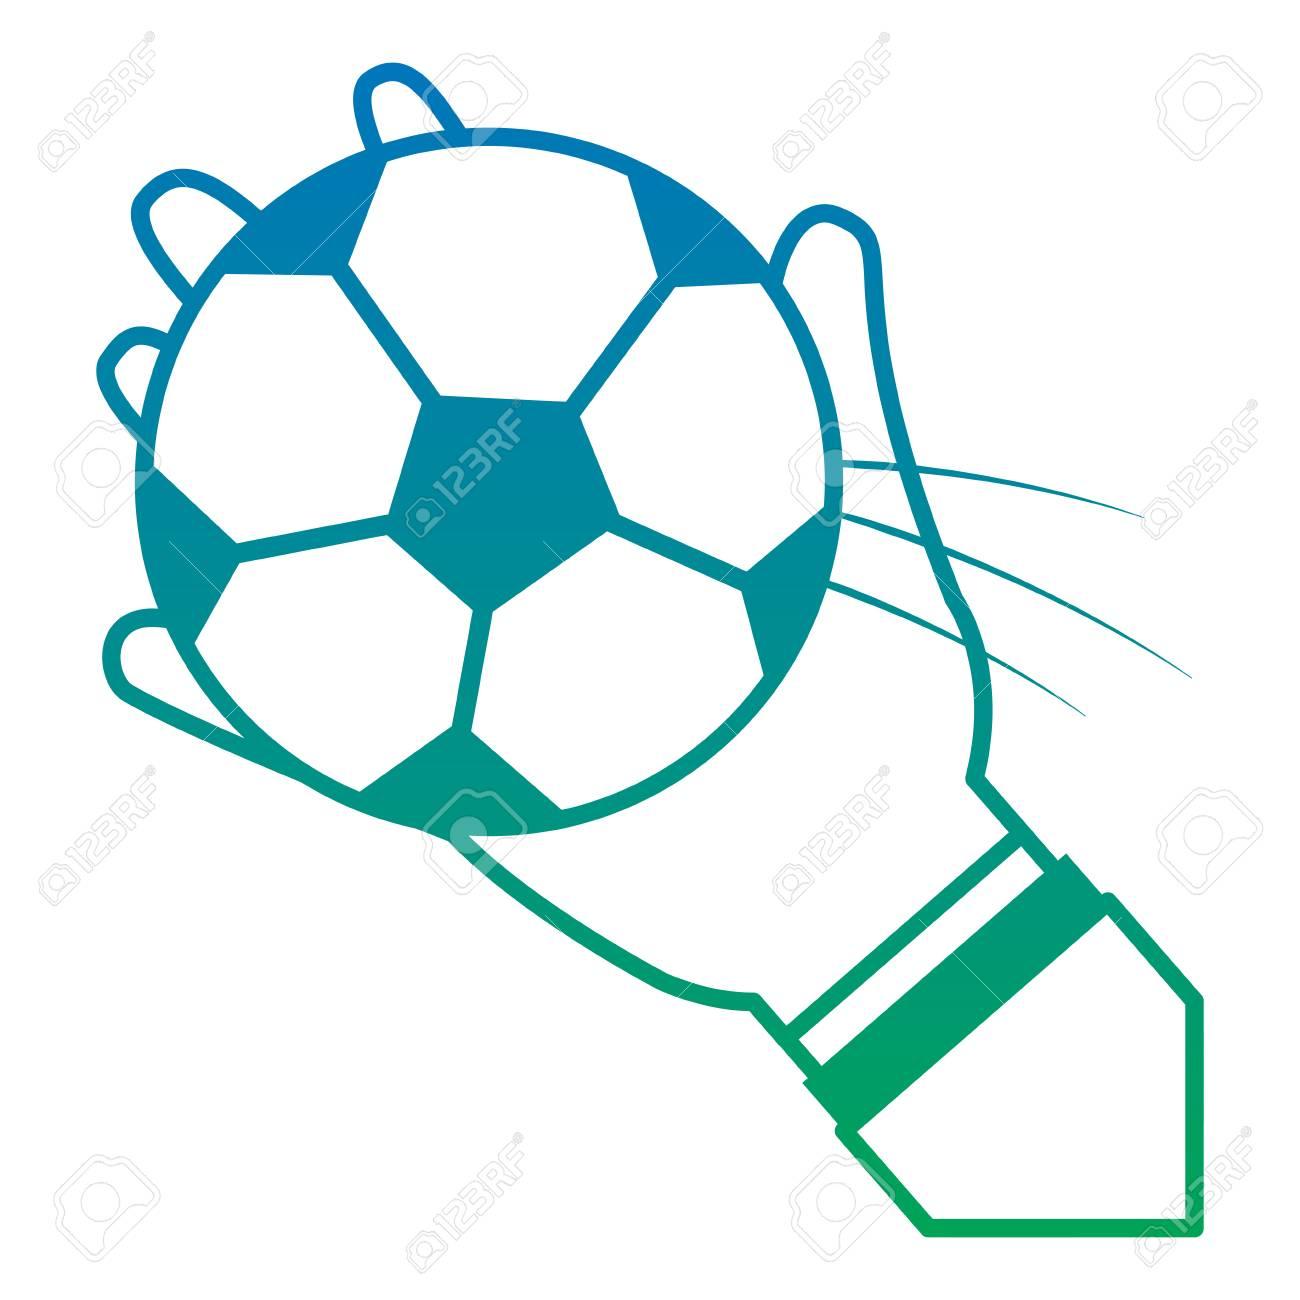 fbc535da62b57 Banque d'images - Mains avec ballon football football image icône vecteur  design bleu pour l & # 39 ; ombre bleue